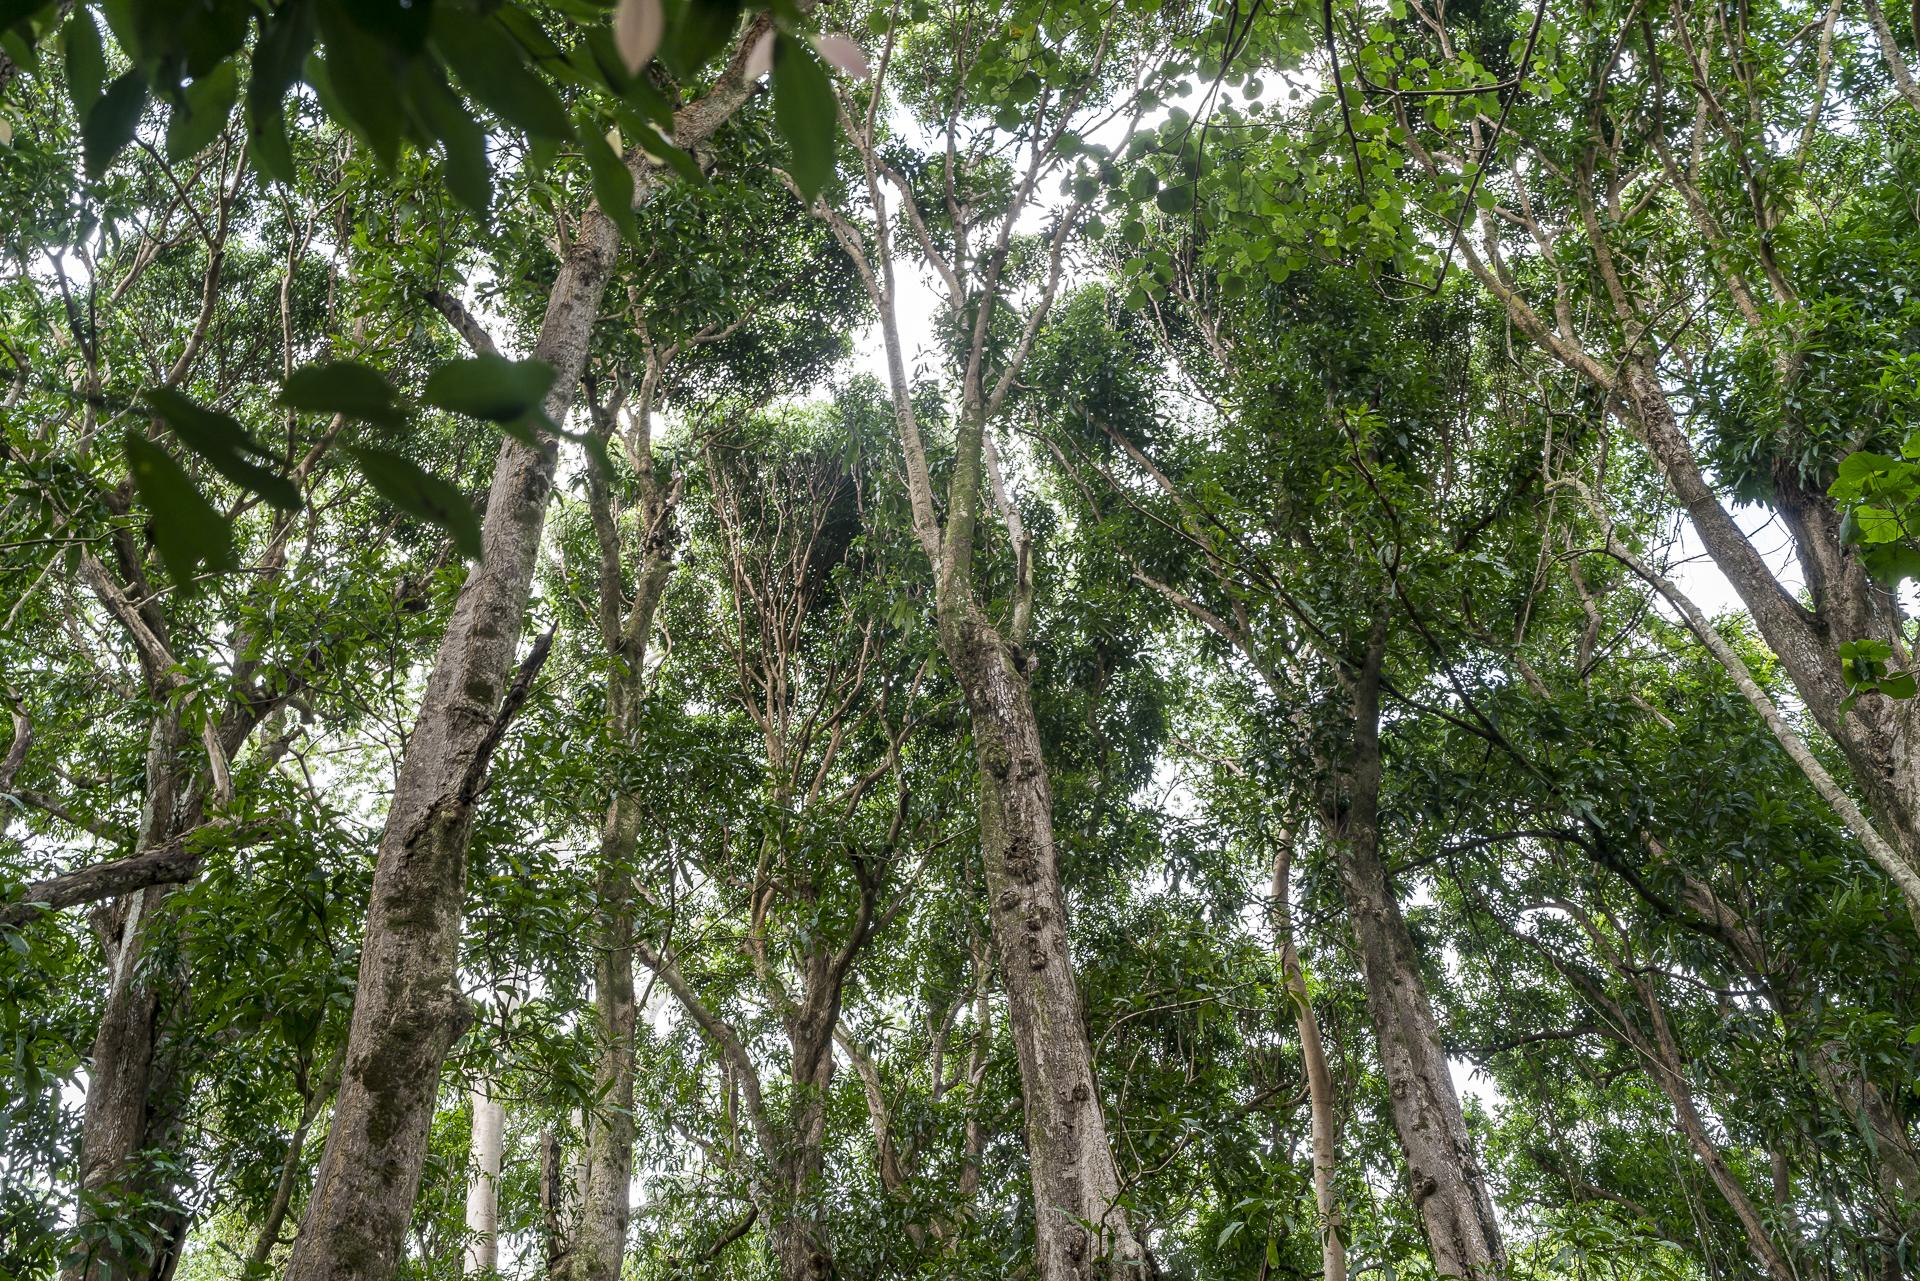 Kauai Tropical Forest